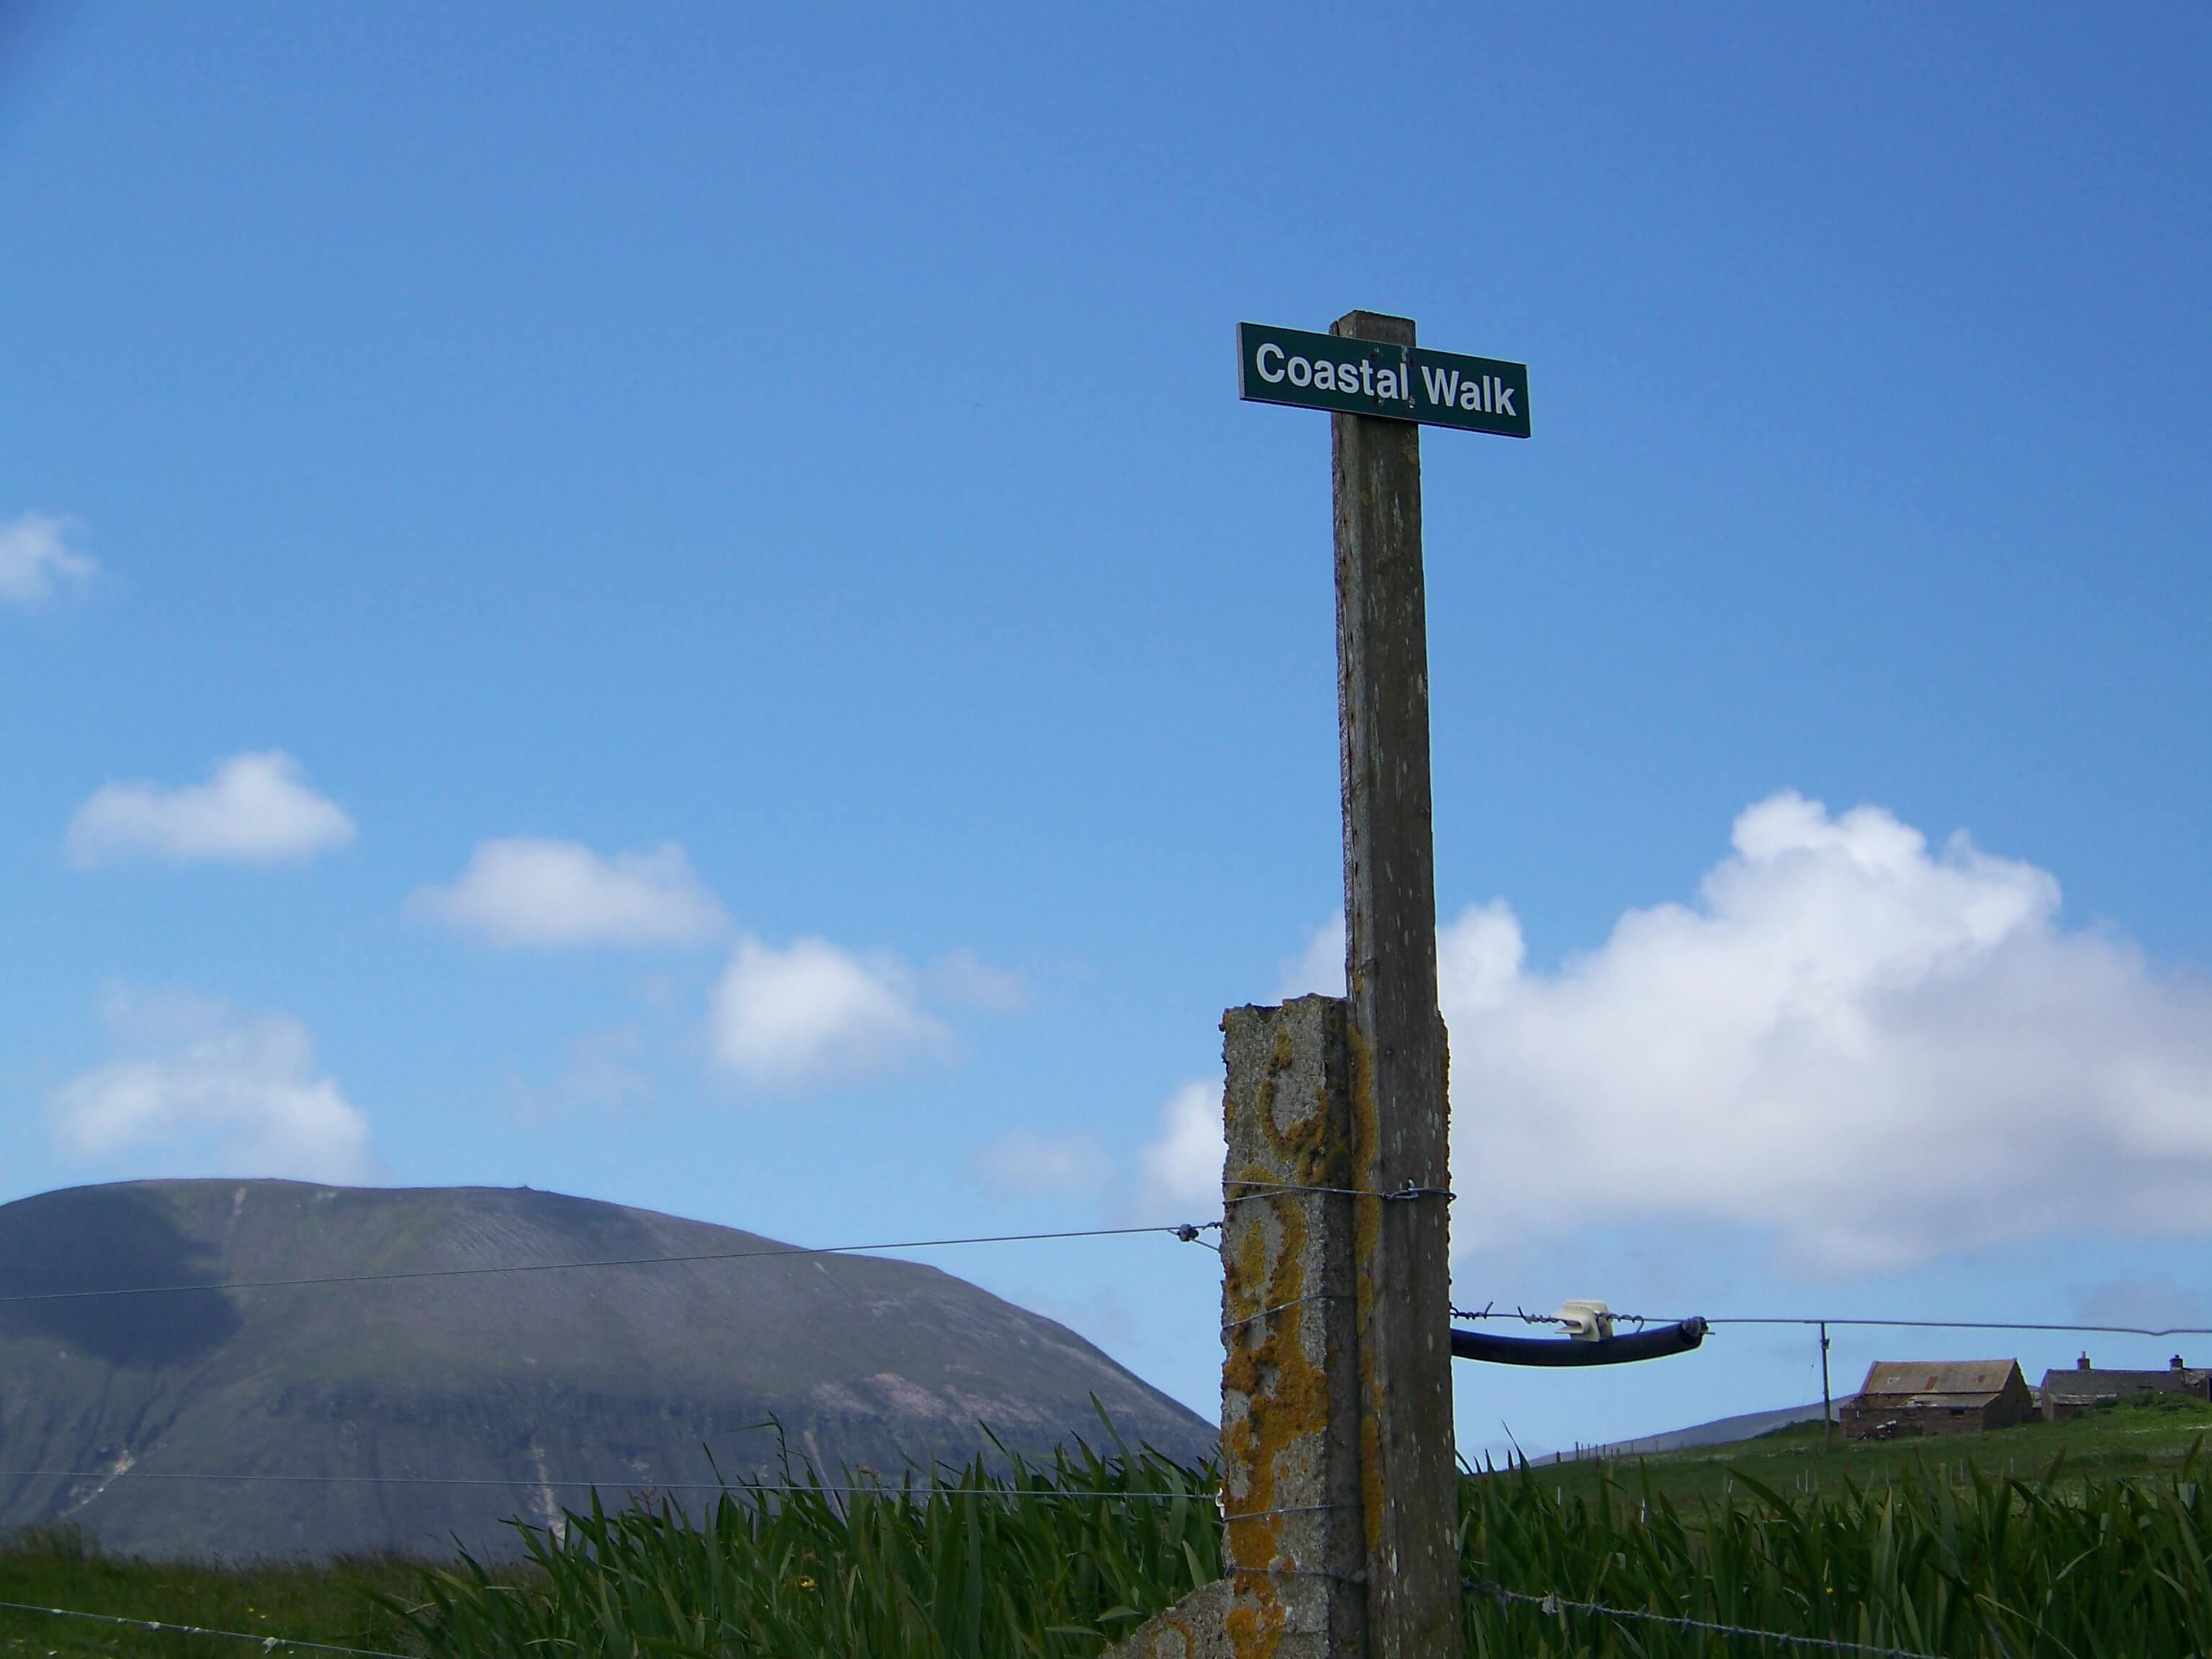 Coastal walk sign, Orkney island